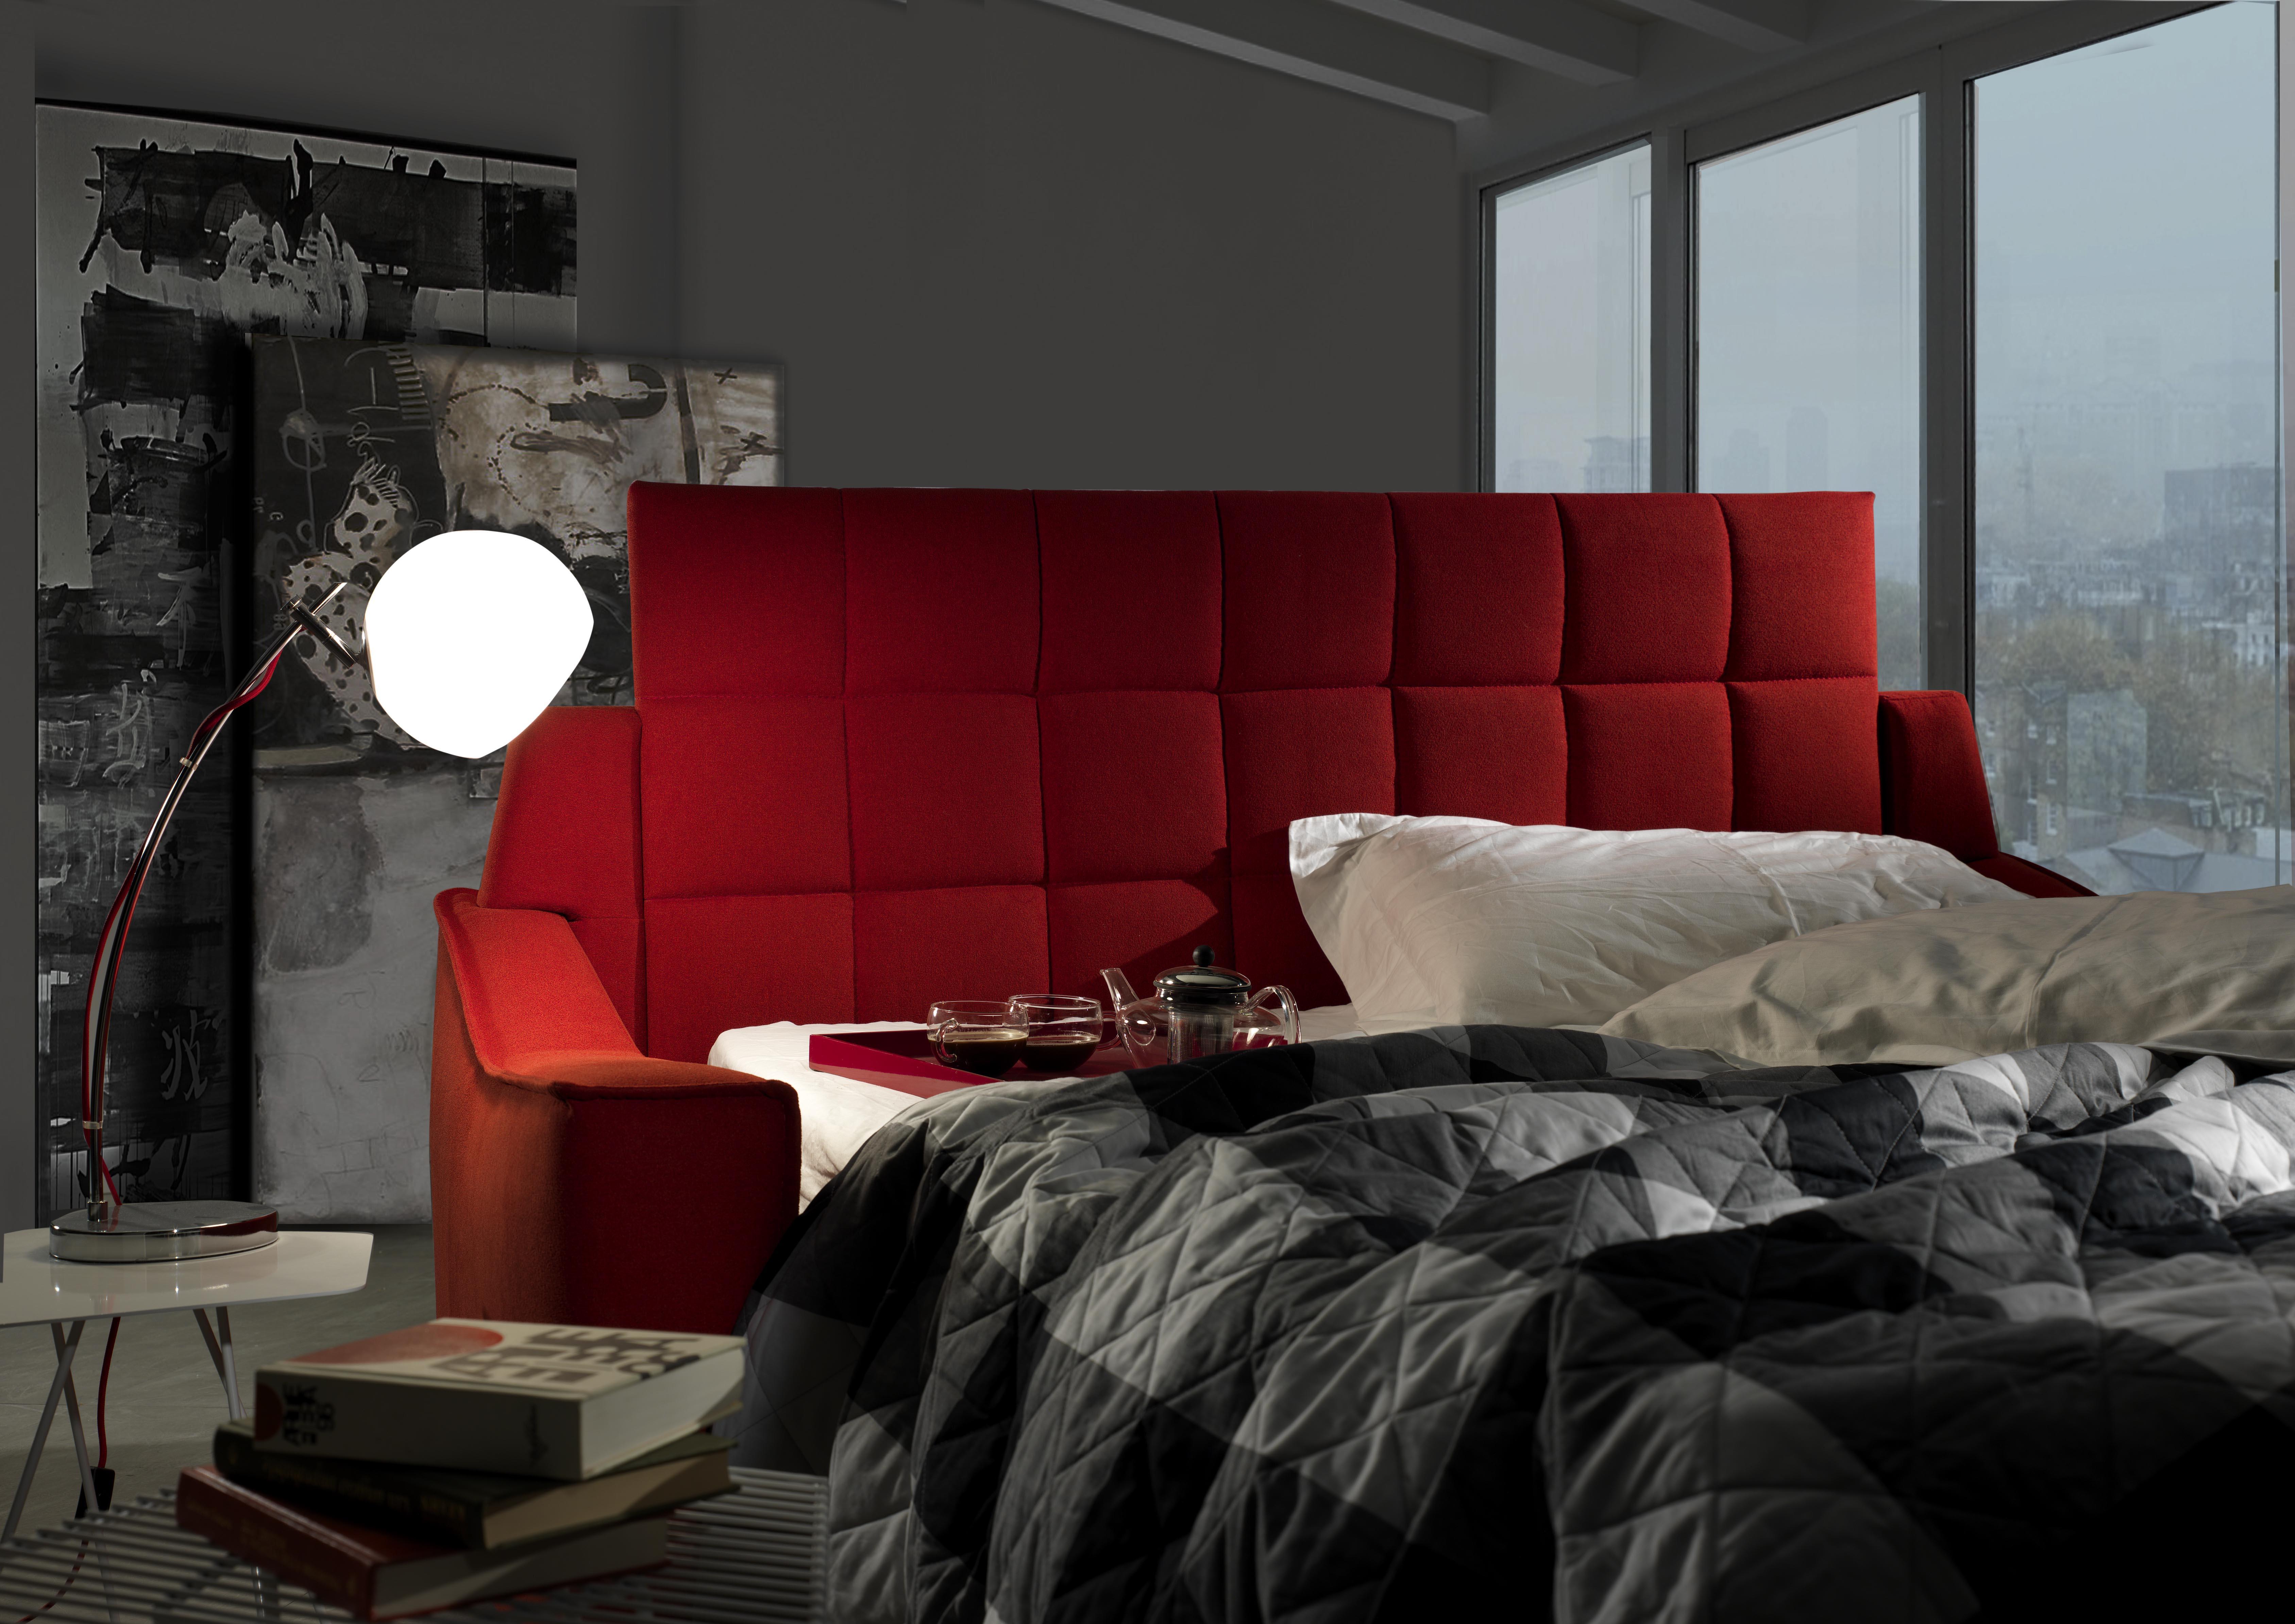 vista angolare di una camere da letto con arredamenti